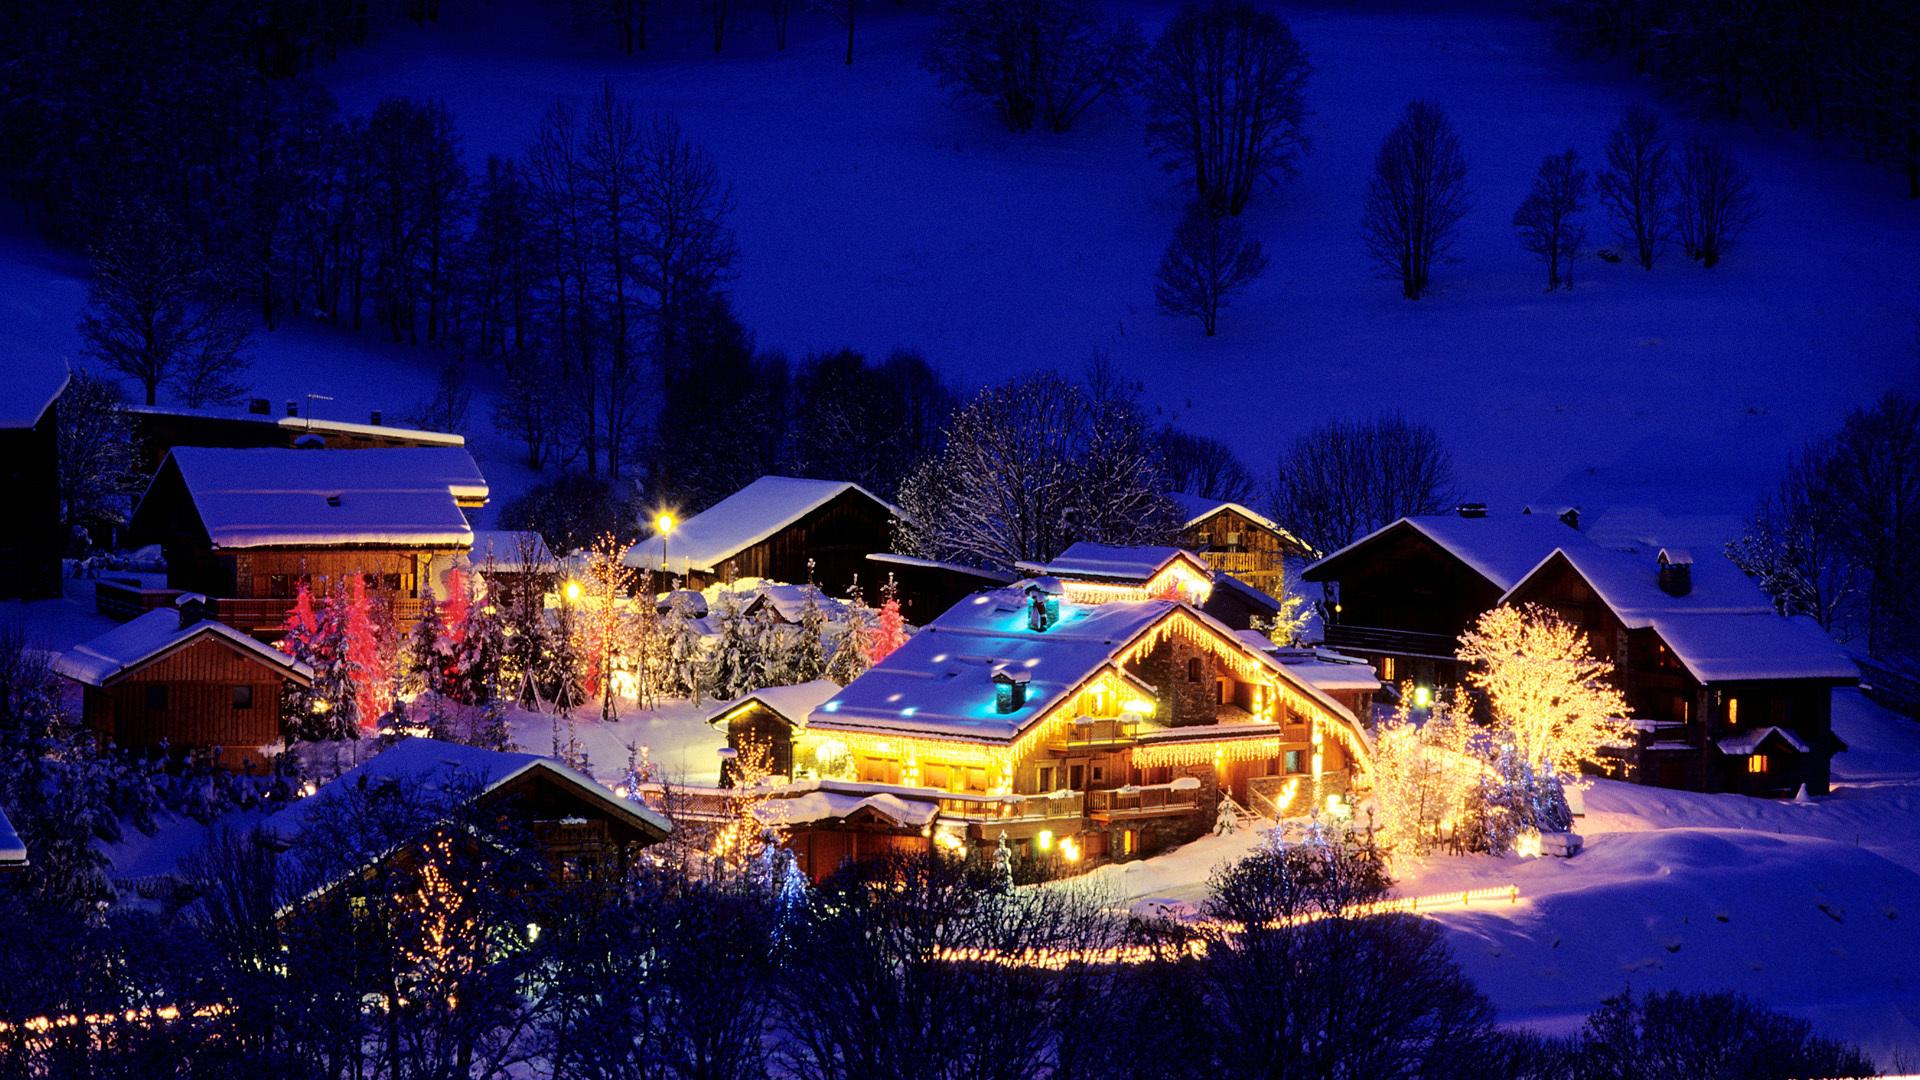 фото красивое зимнее с новым годом меняются